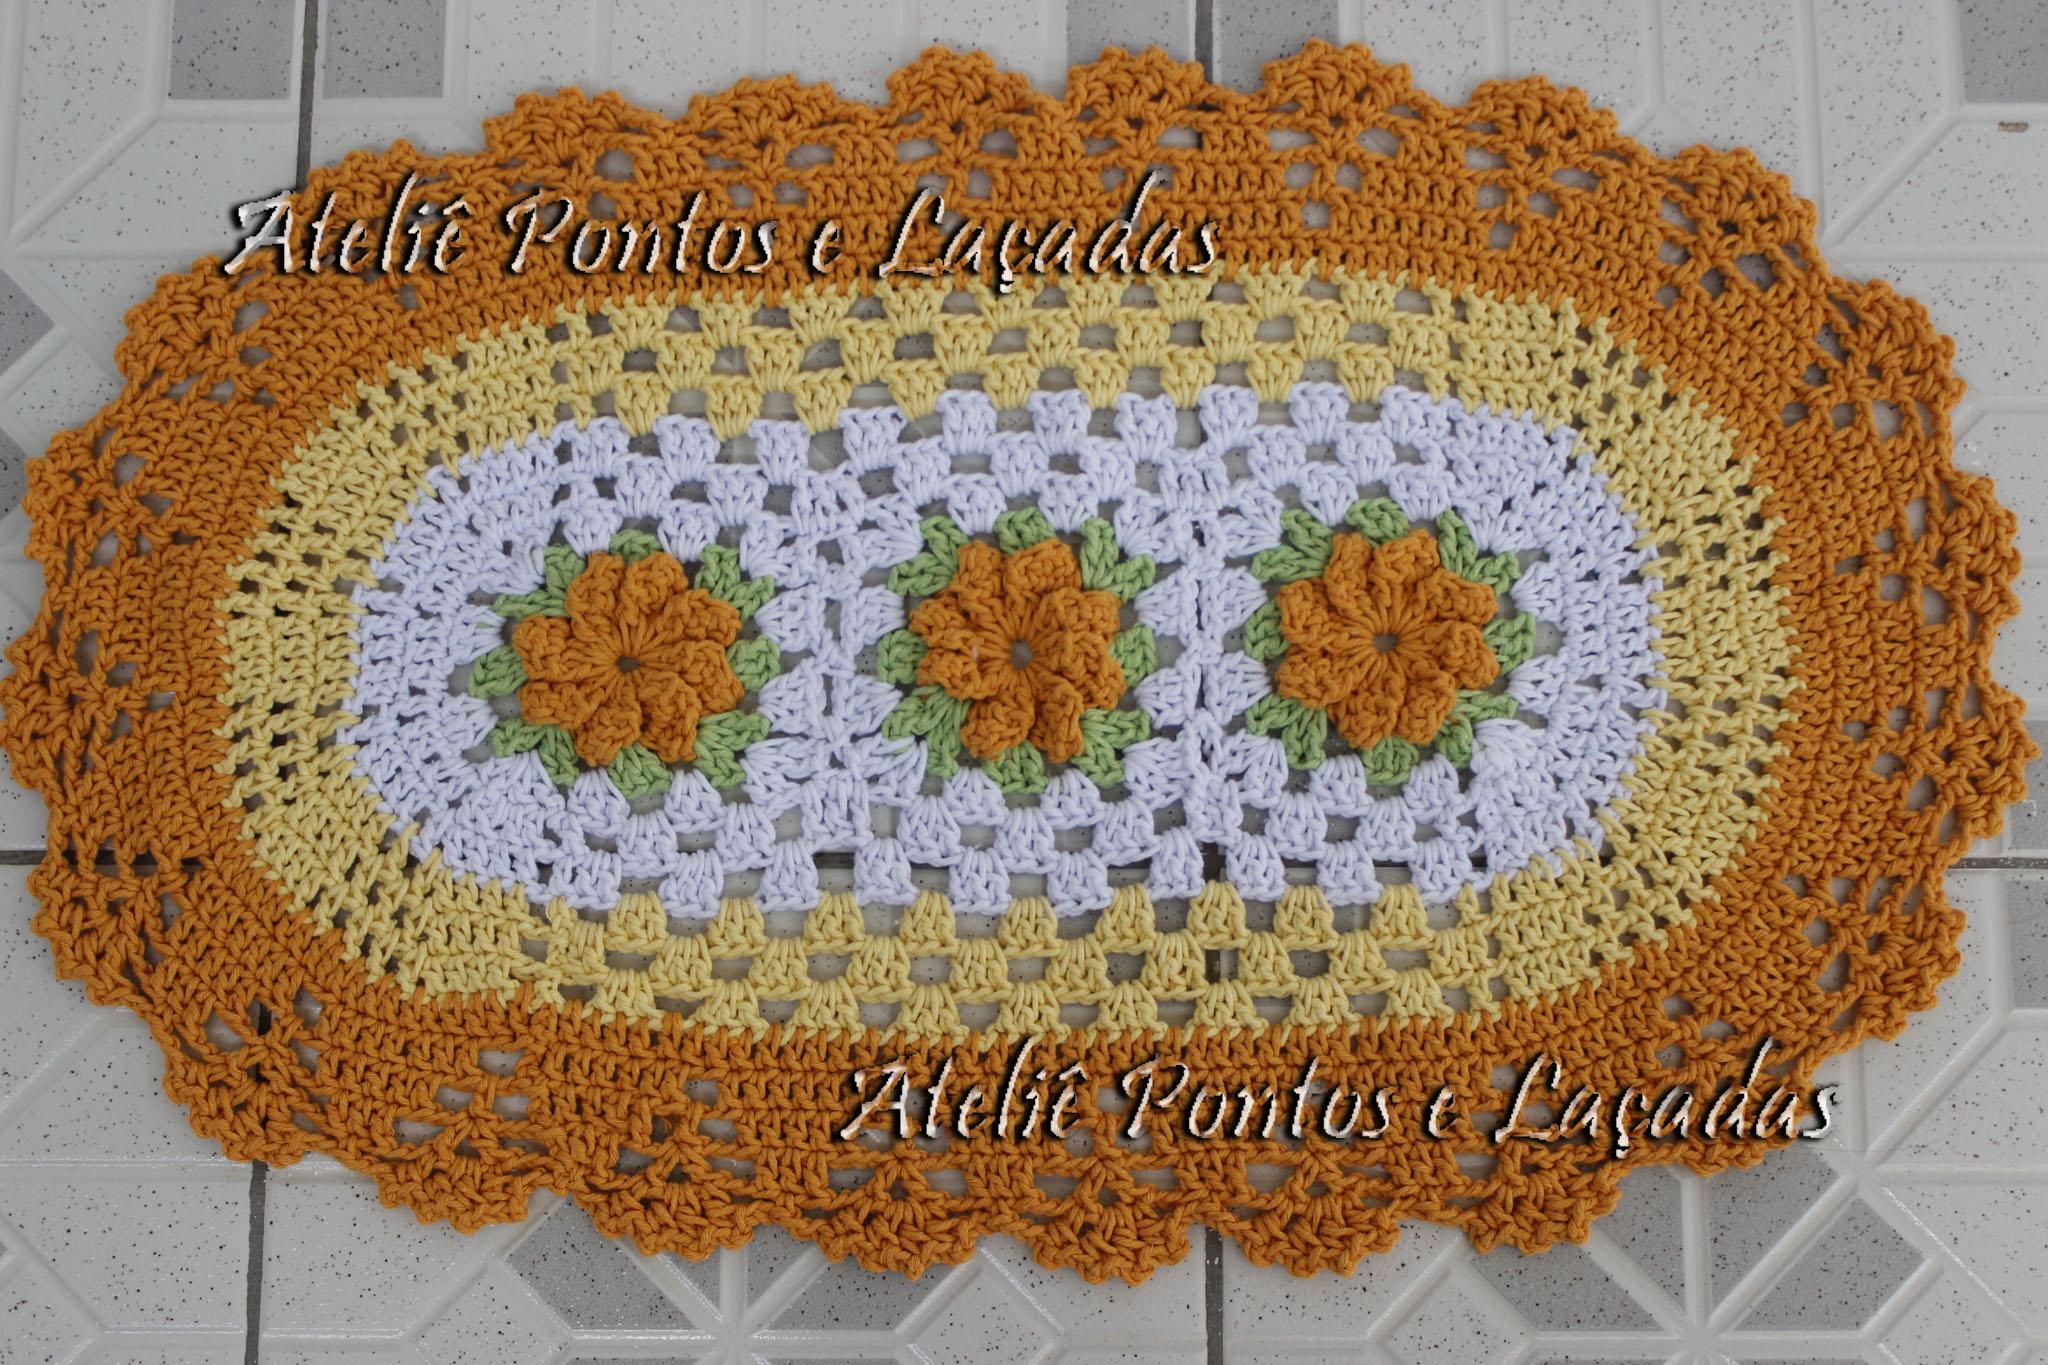 tapete de crochê oval com flores